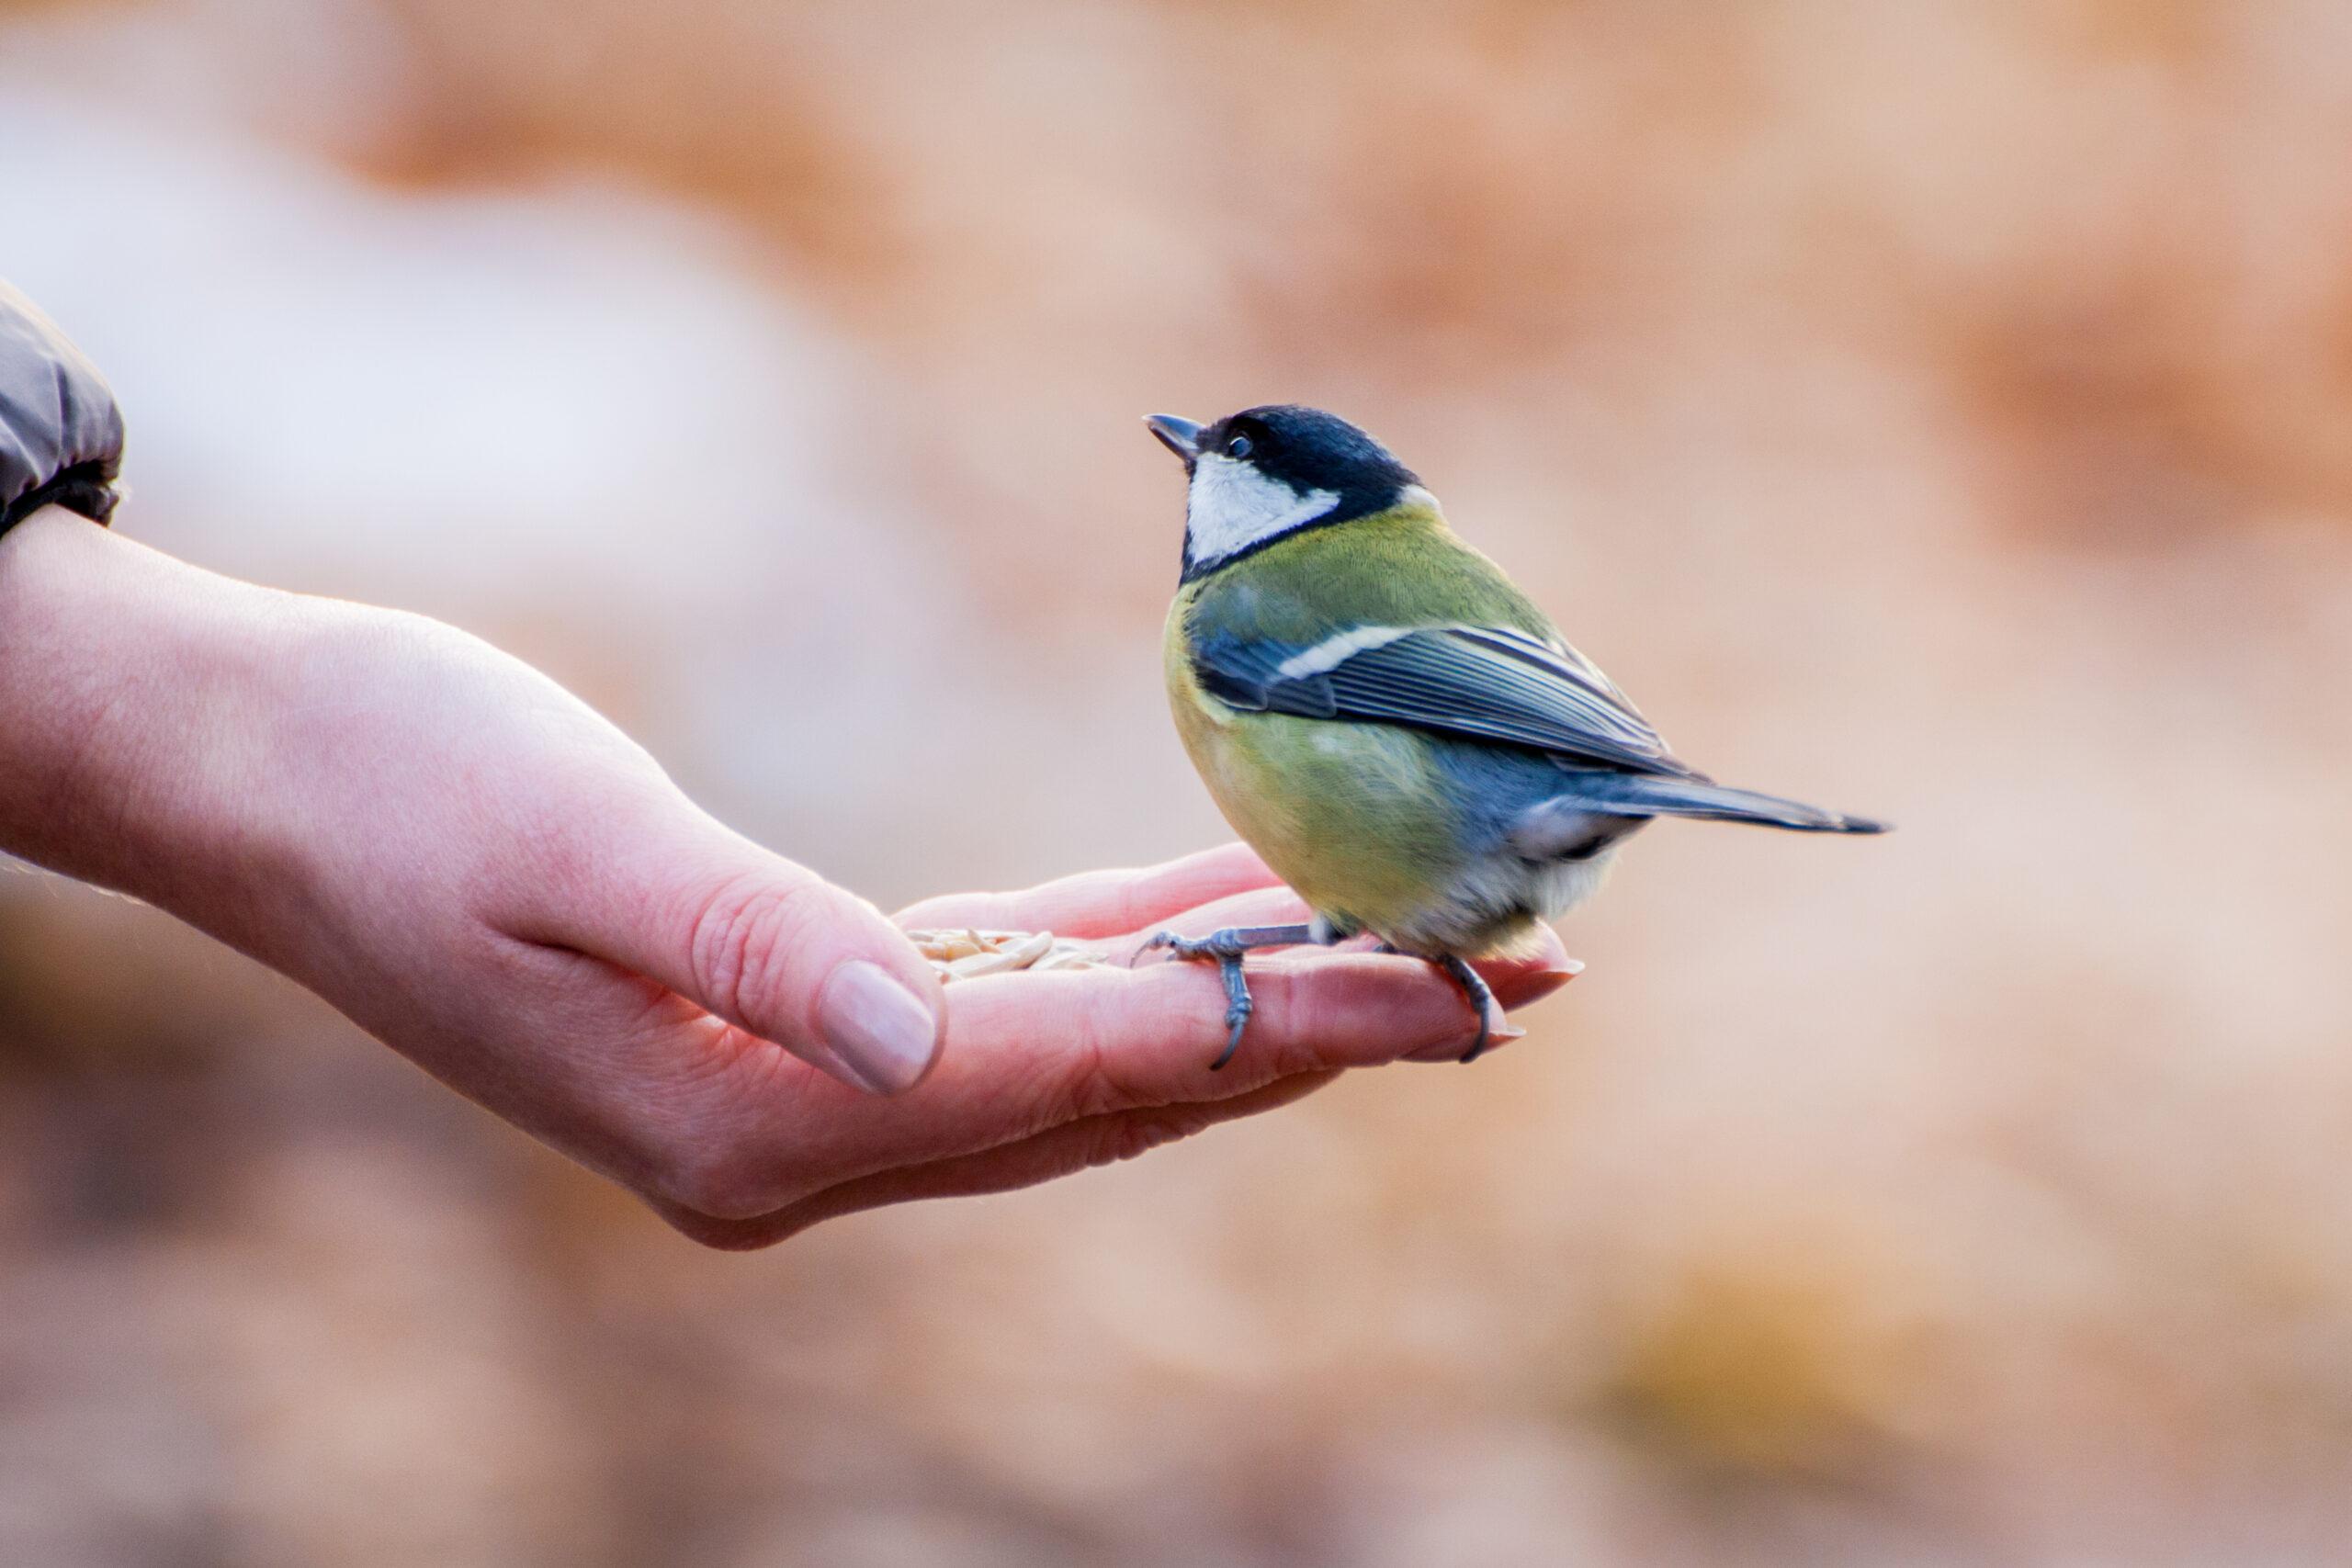 How to help garden birds through the lean winter months